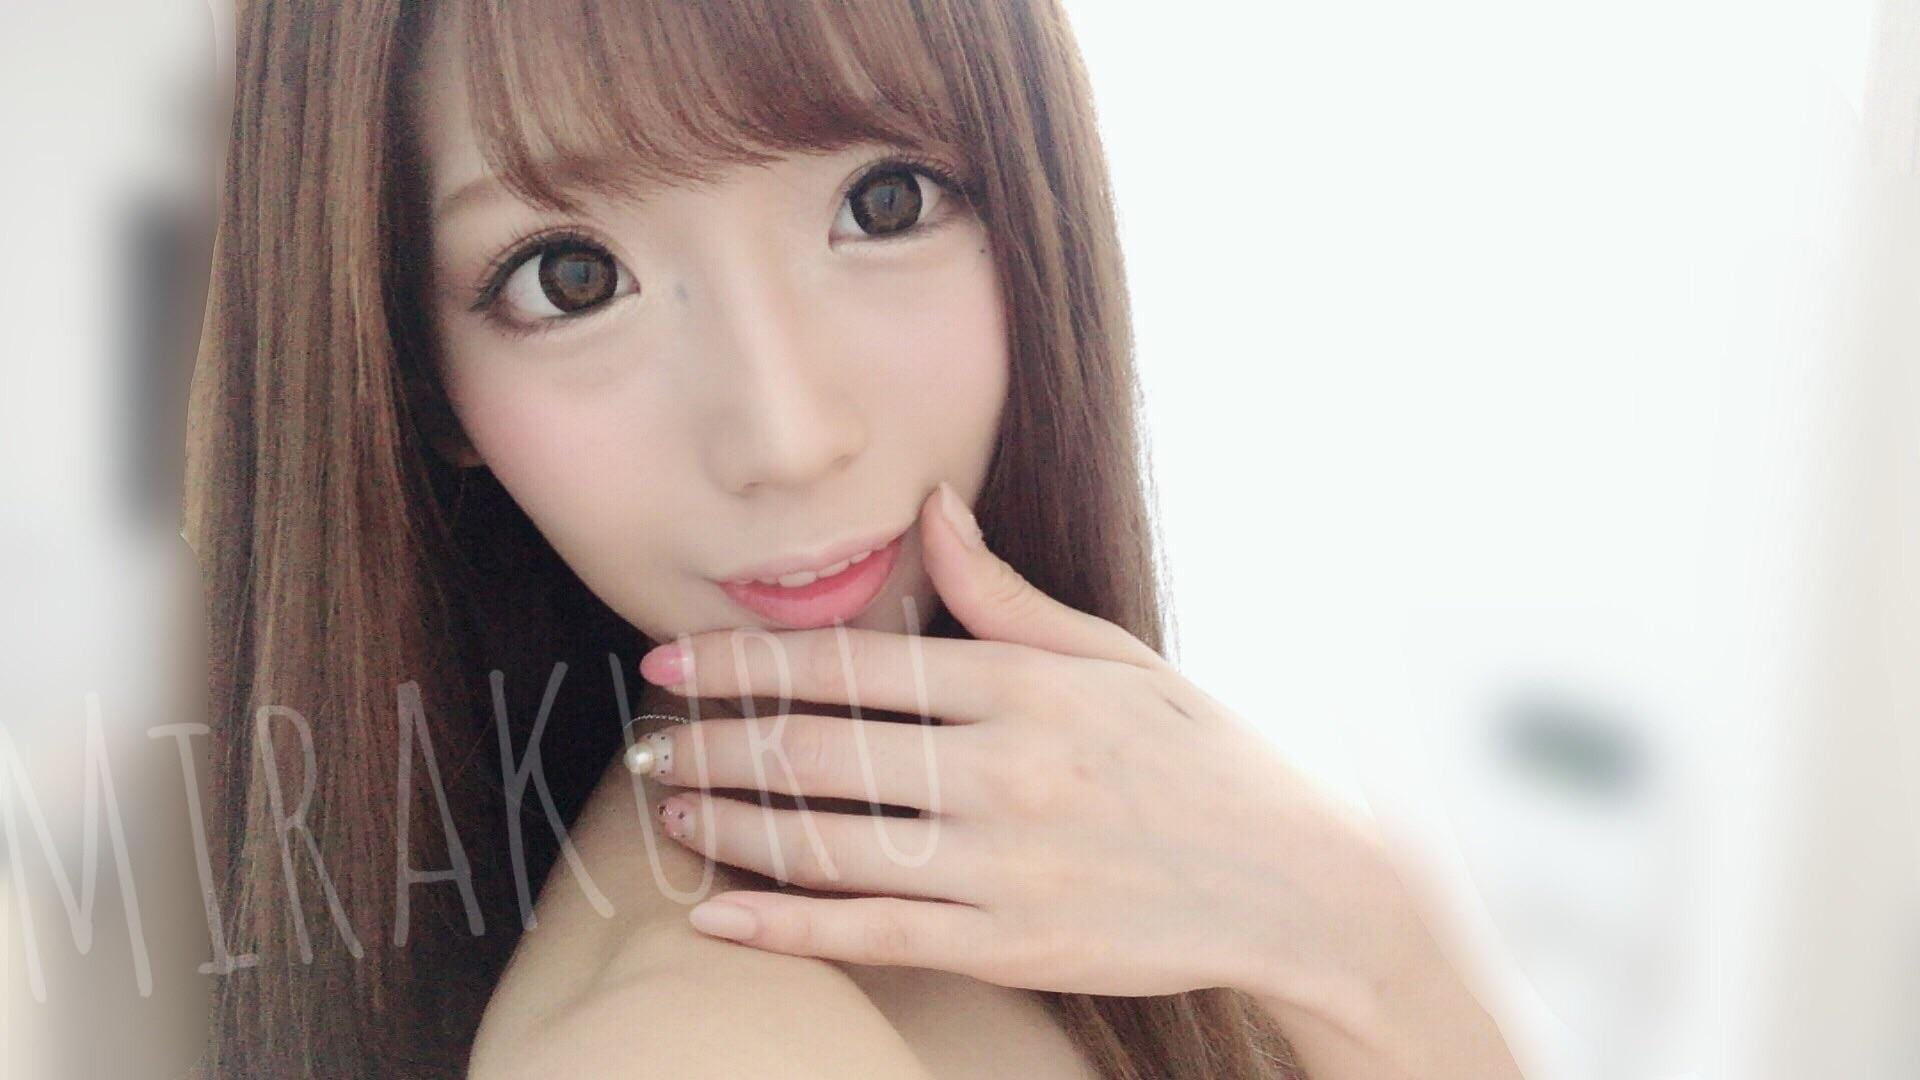 「ご予約ありがとう〜」11/27(11/27) 17:31 | Mirakuru ミラクルの写メ・風俗動画